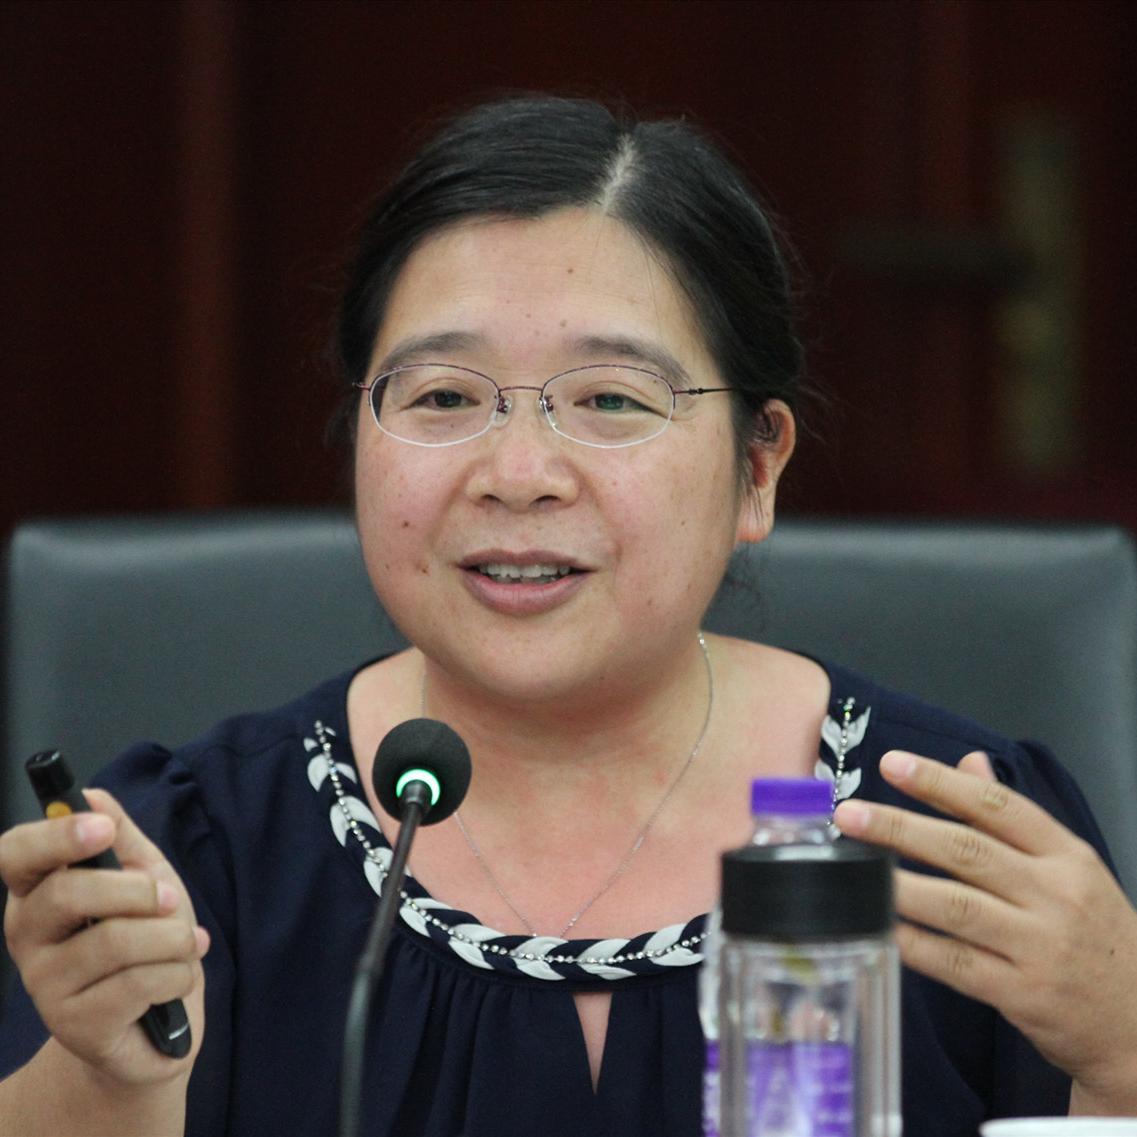 李琼慧:应加强规划与体制机制建设 企业应降本增效 强化自身的竞争力